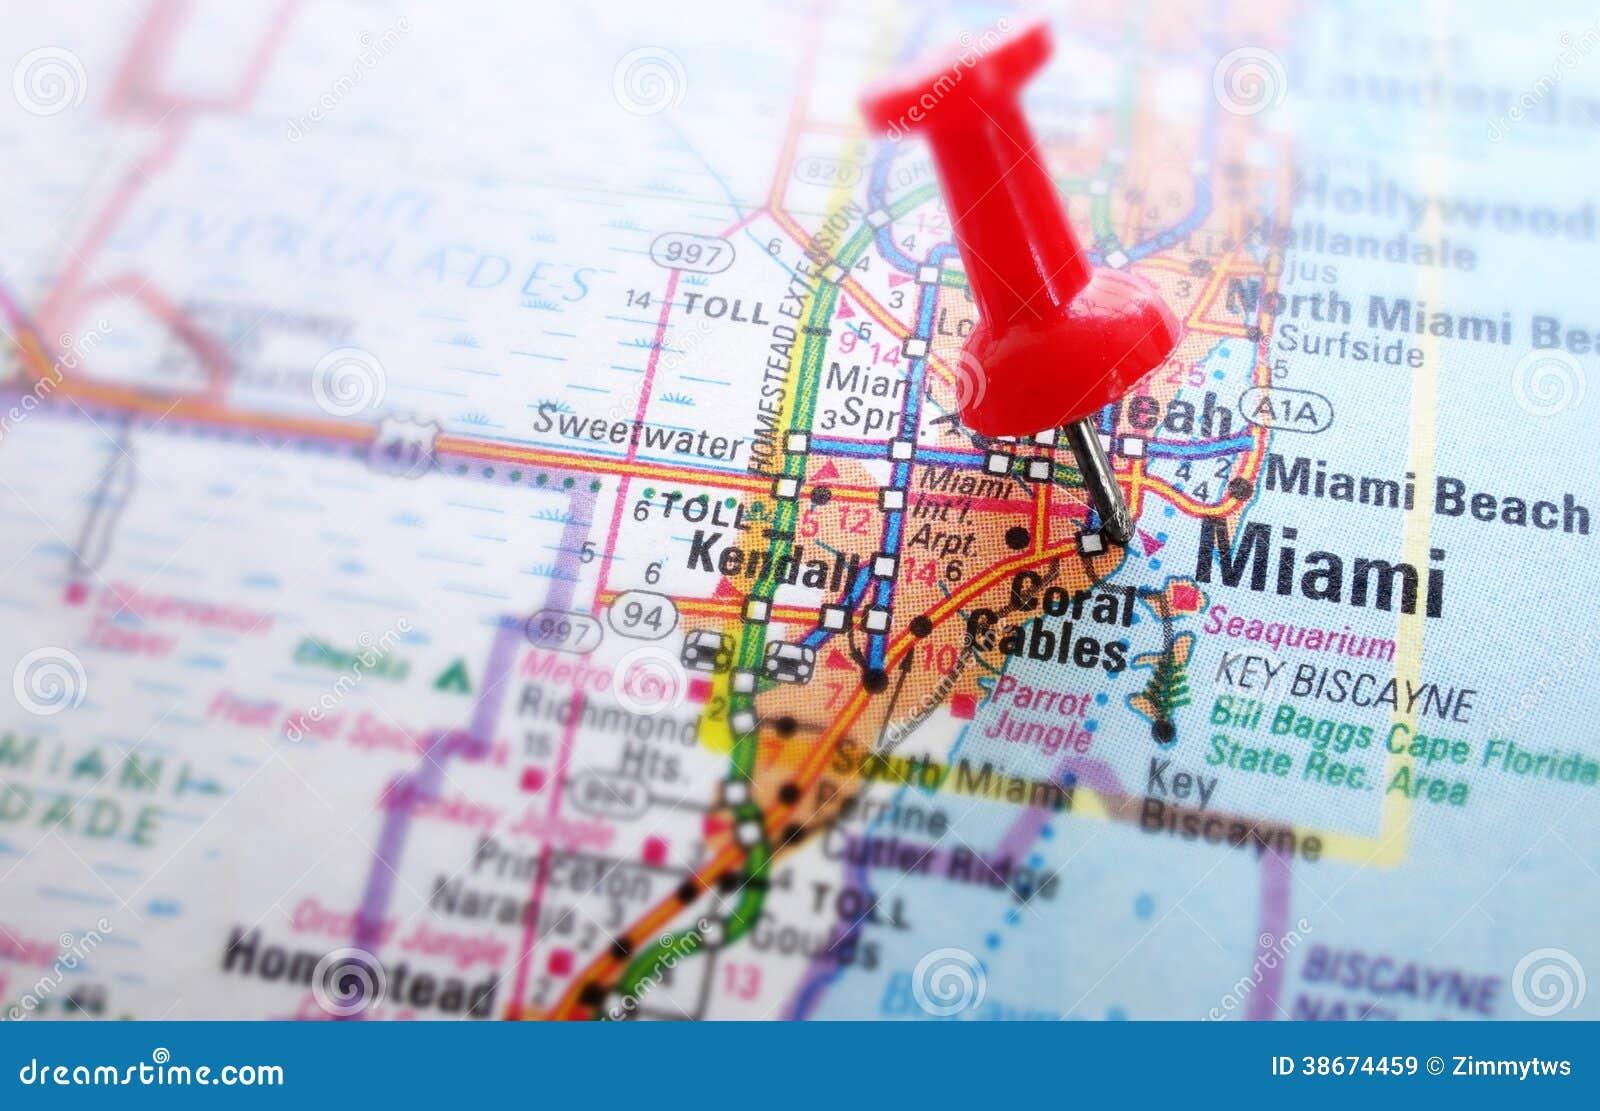 mapa de miami imagem de stock. imagem de olhar, achado